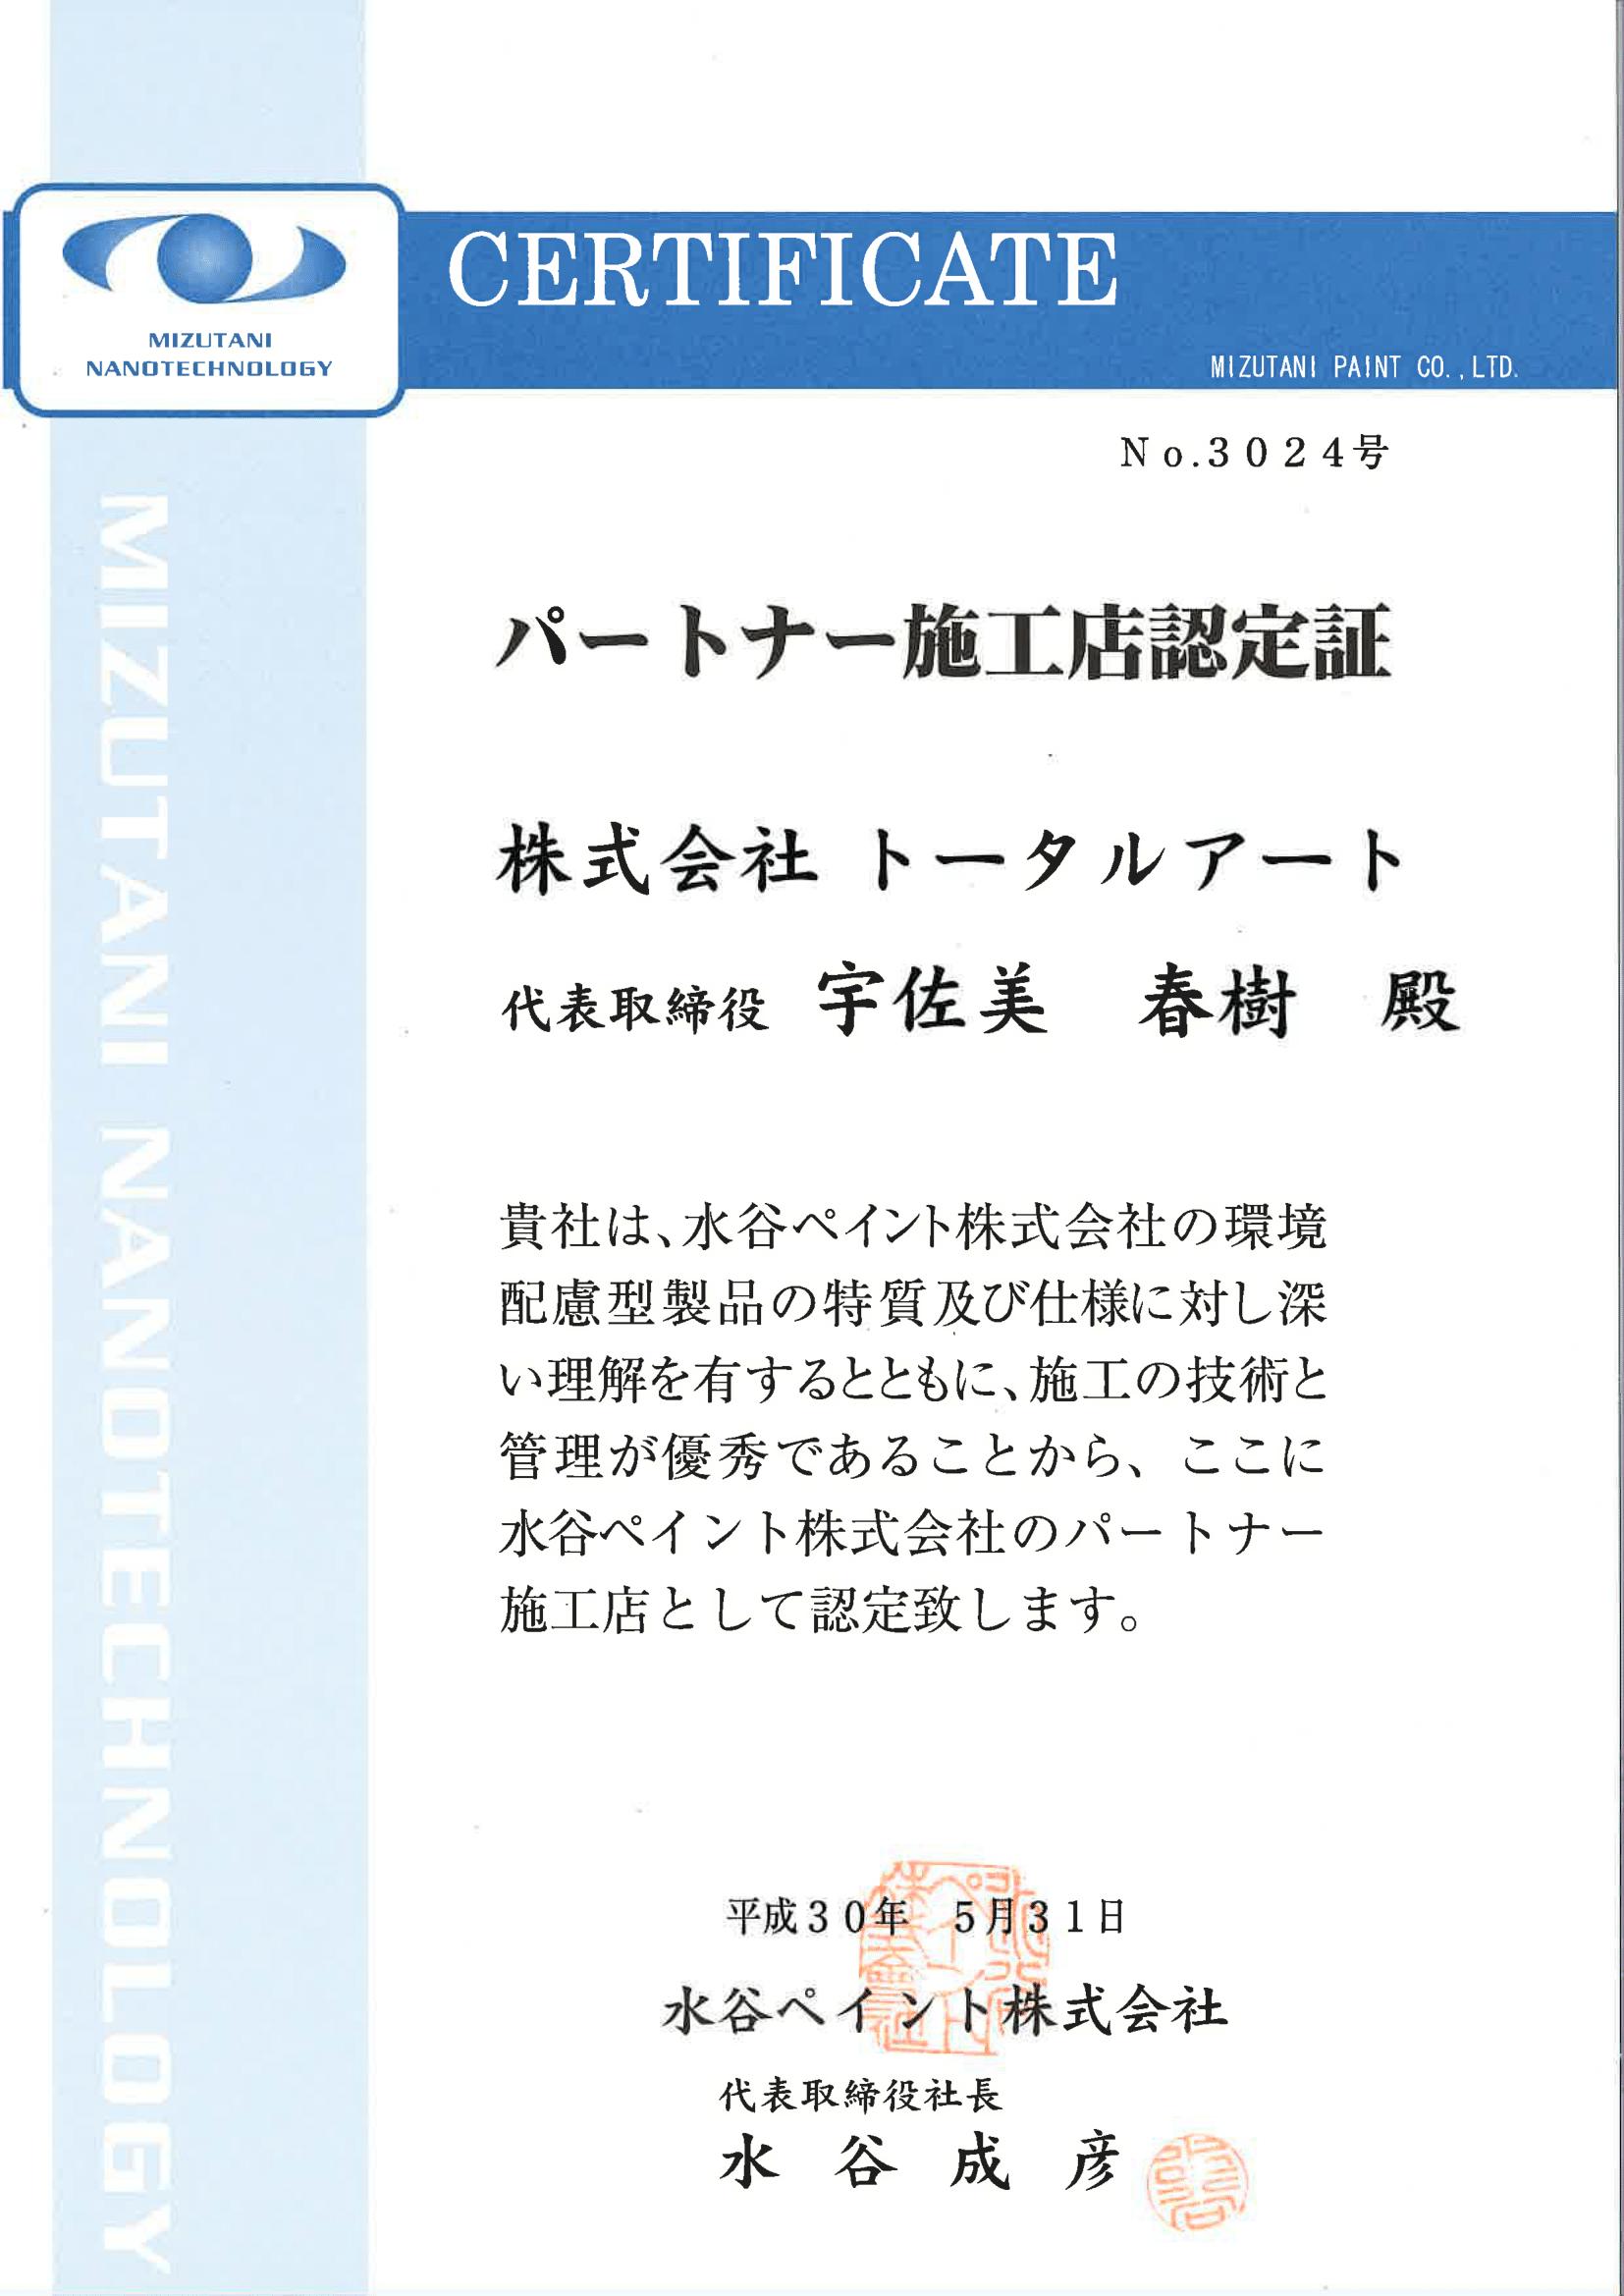 水谷ペイント株式会社 パートナー施工店認定書